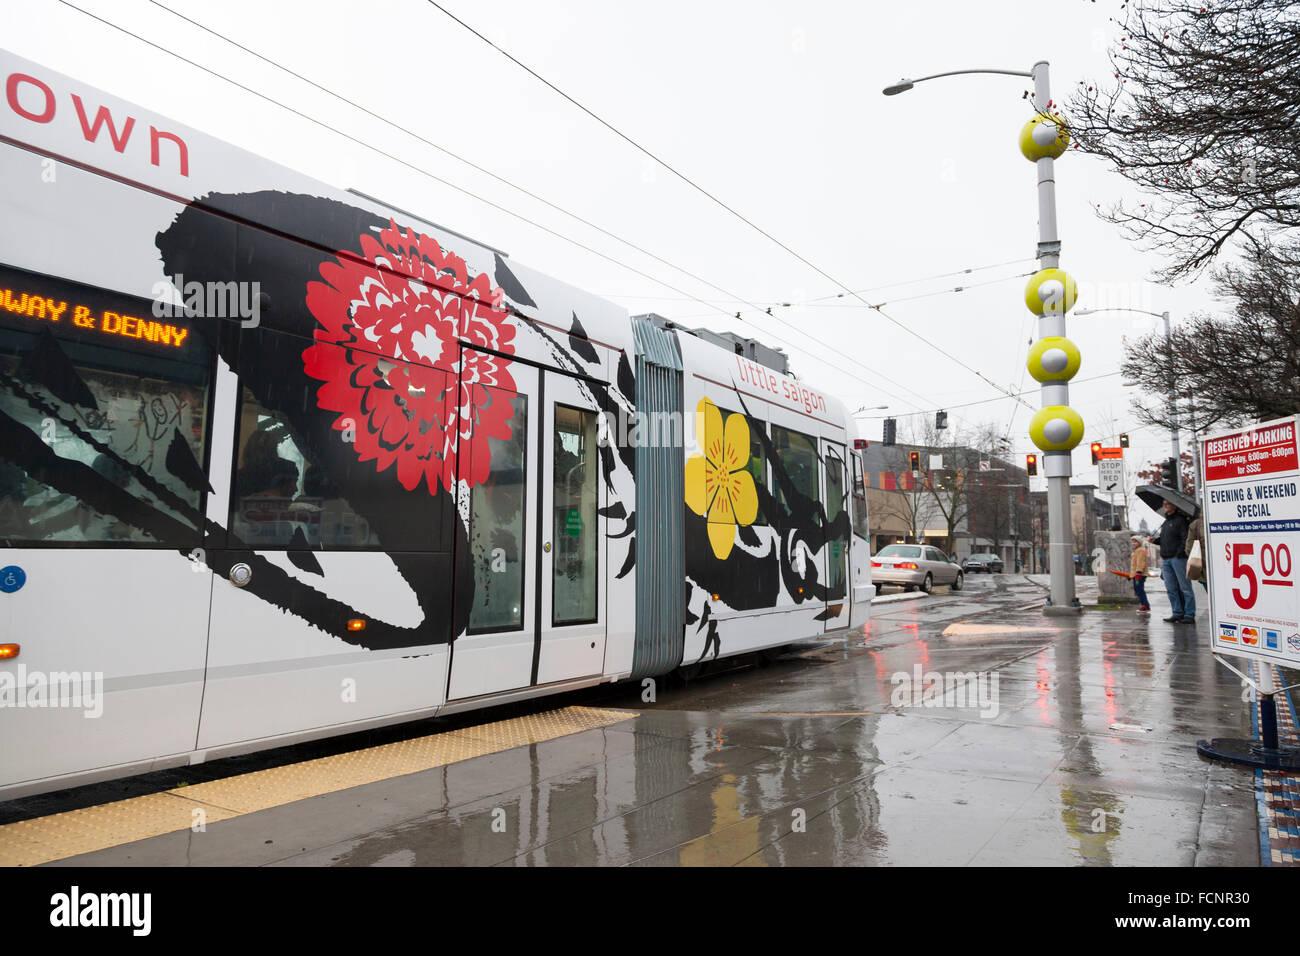 seattle  usa  23rd jan  2016  streetcar docked at broadway